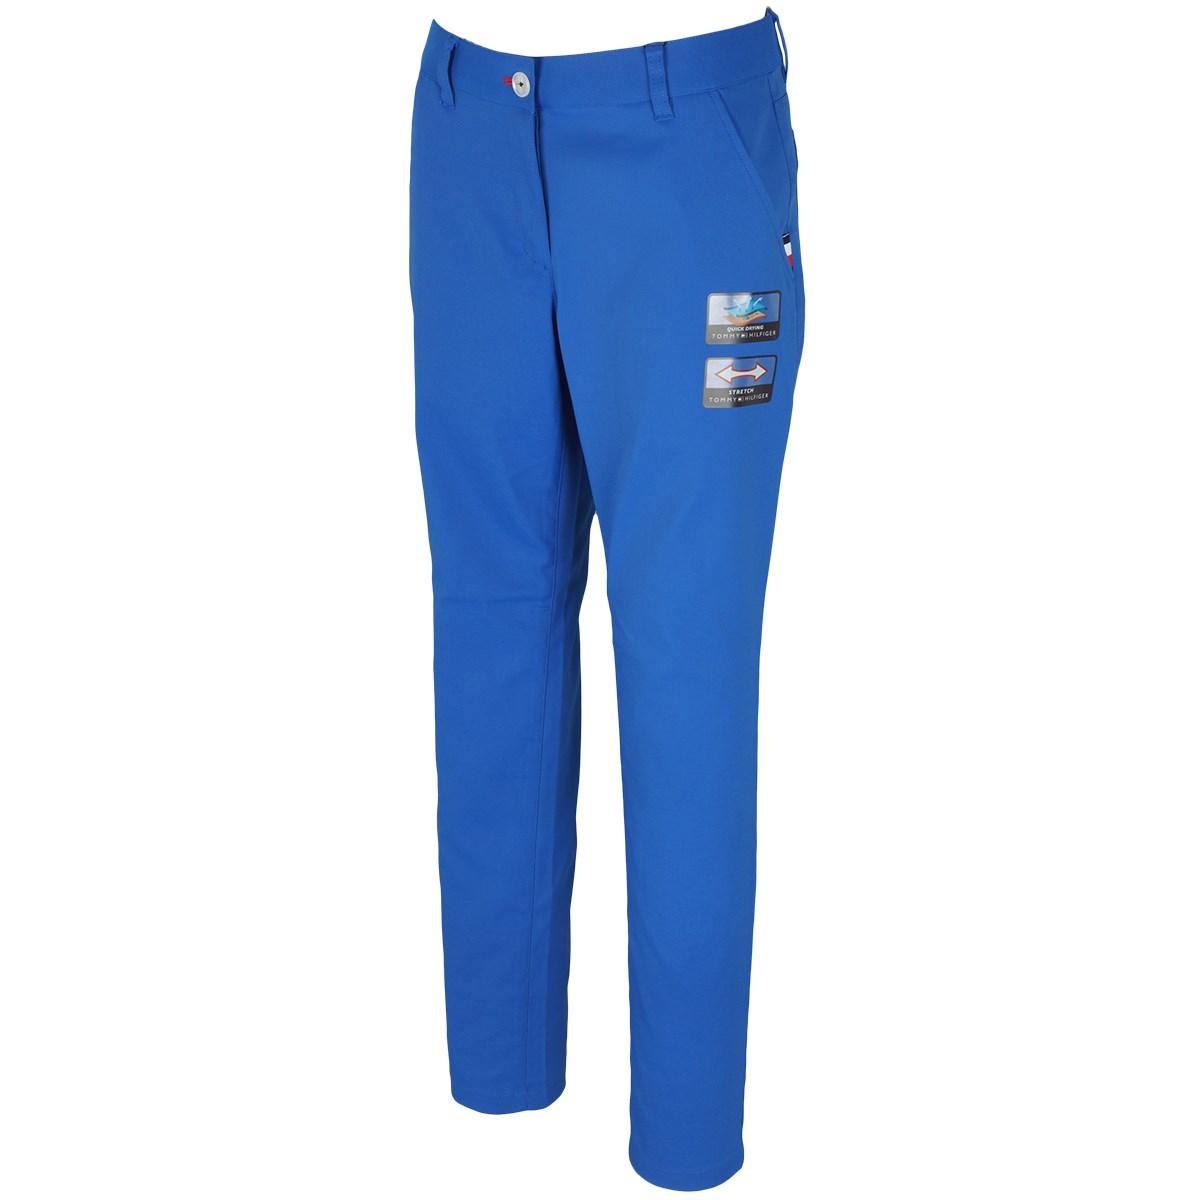 トミー ヒルフィガー ゴルフ TOMMY HILFIGER GOLF ストレッチ ストレートスタイル ロングパンツ M ブルー 34 レディス